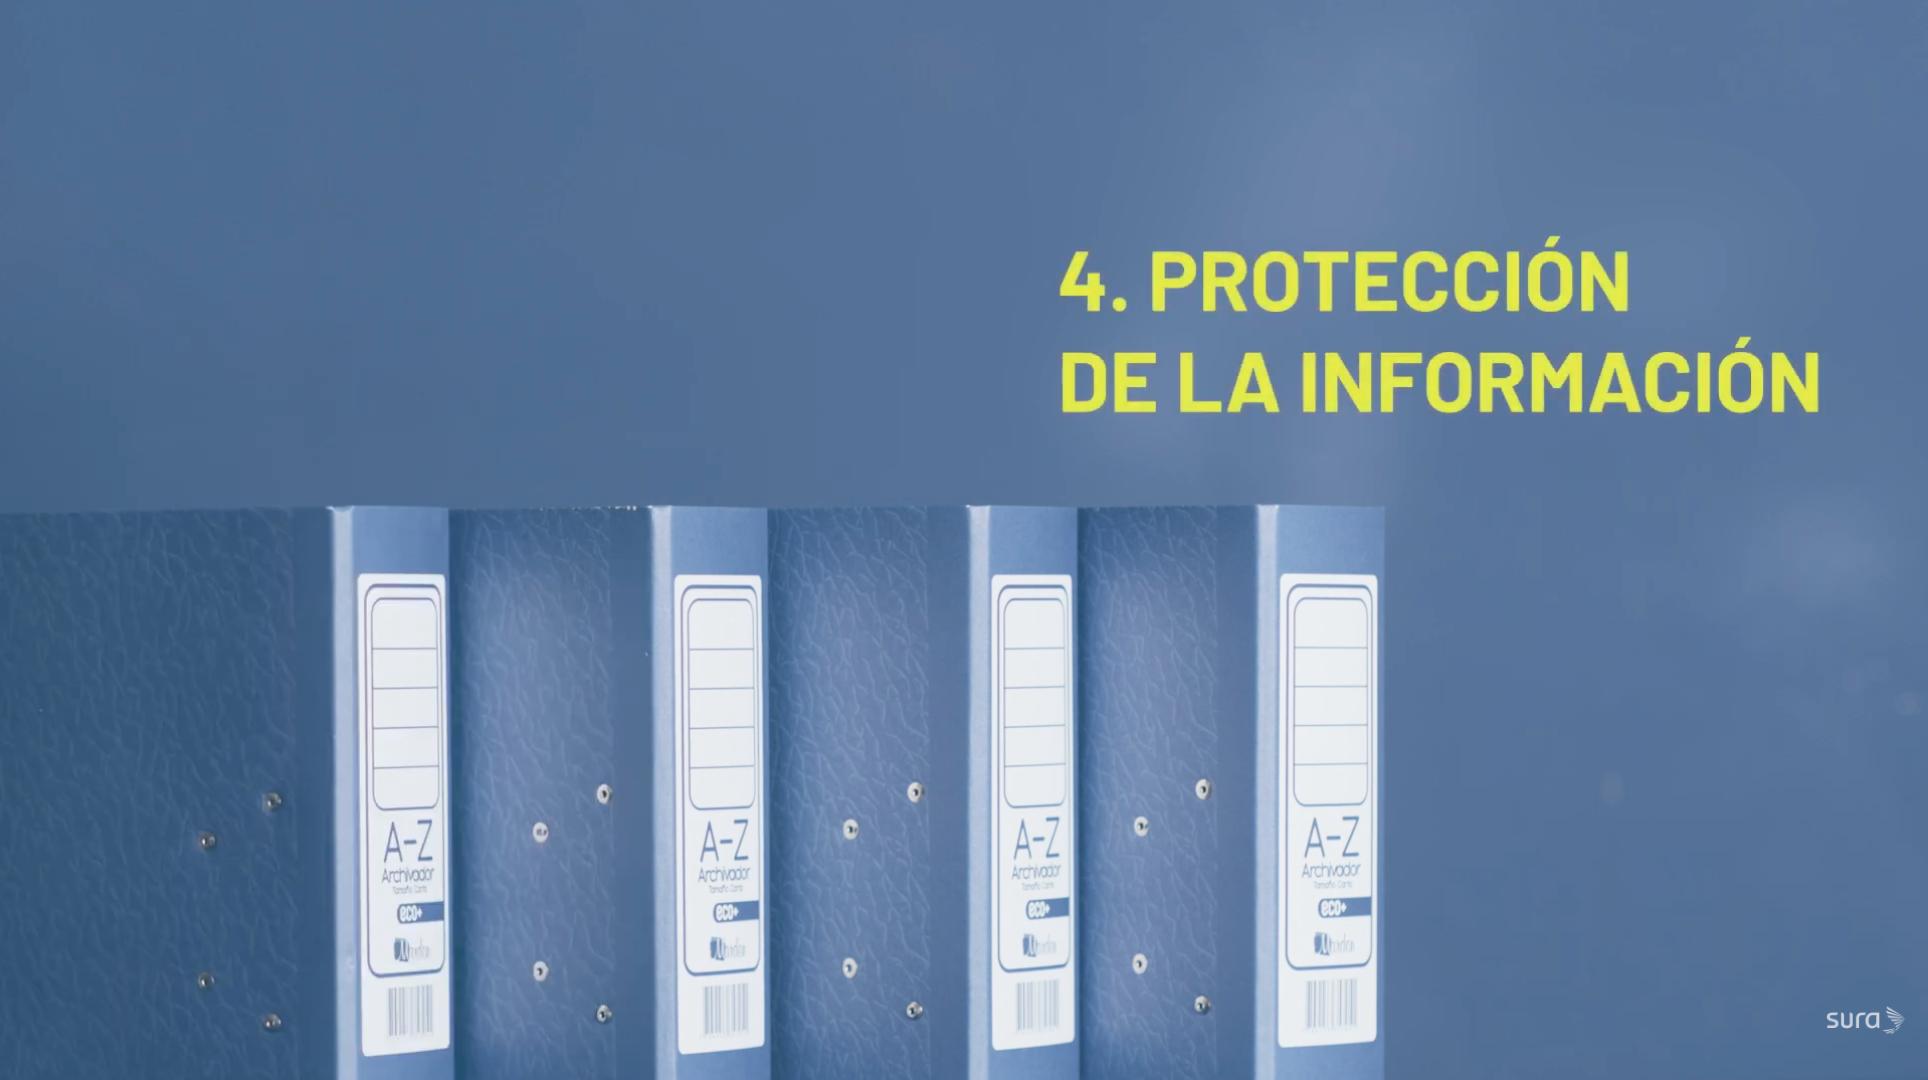 seguros-sura-empresas-vertical-legal